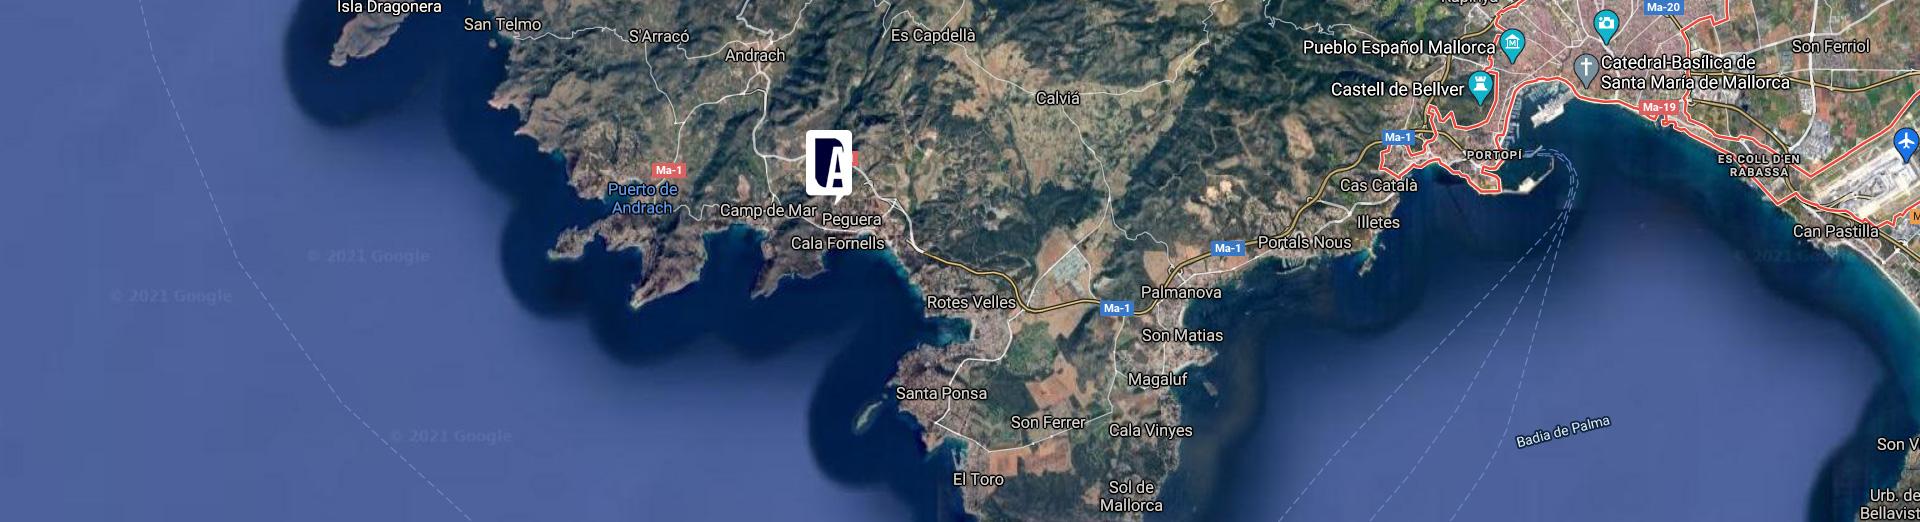 Localización de las villas de lujo de Mallorca de Grupo ABU